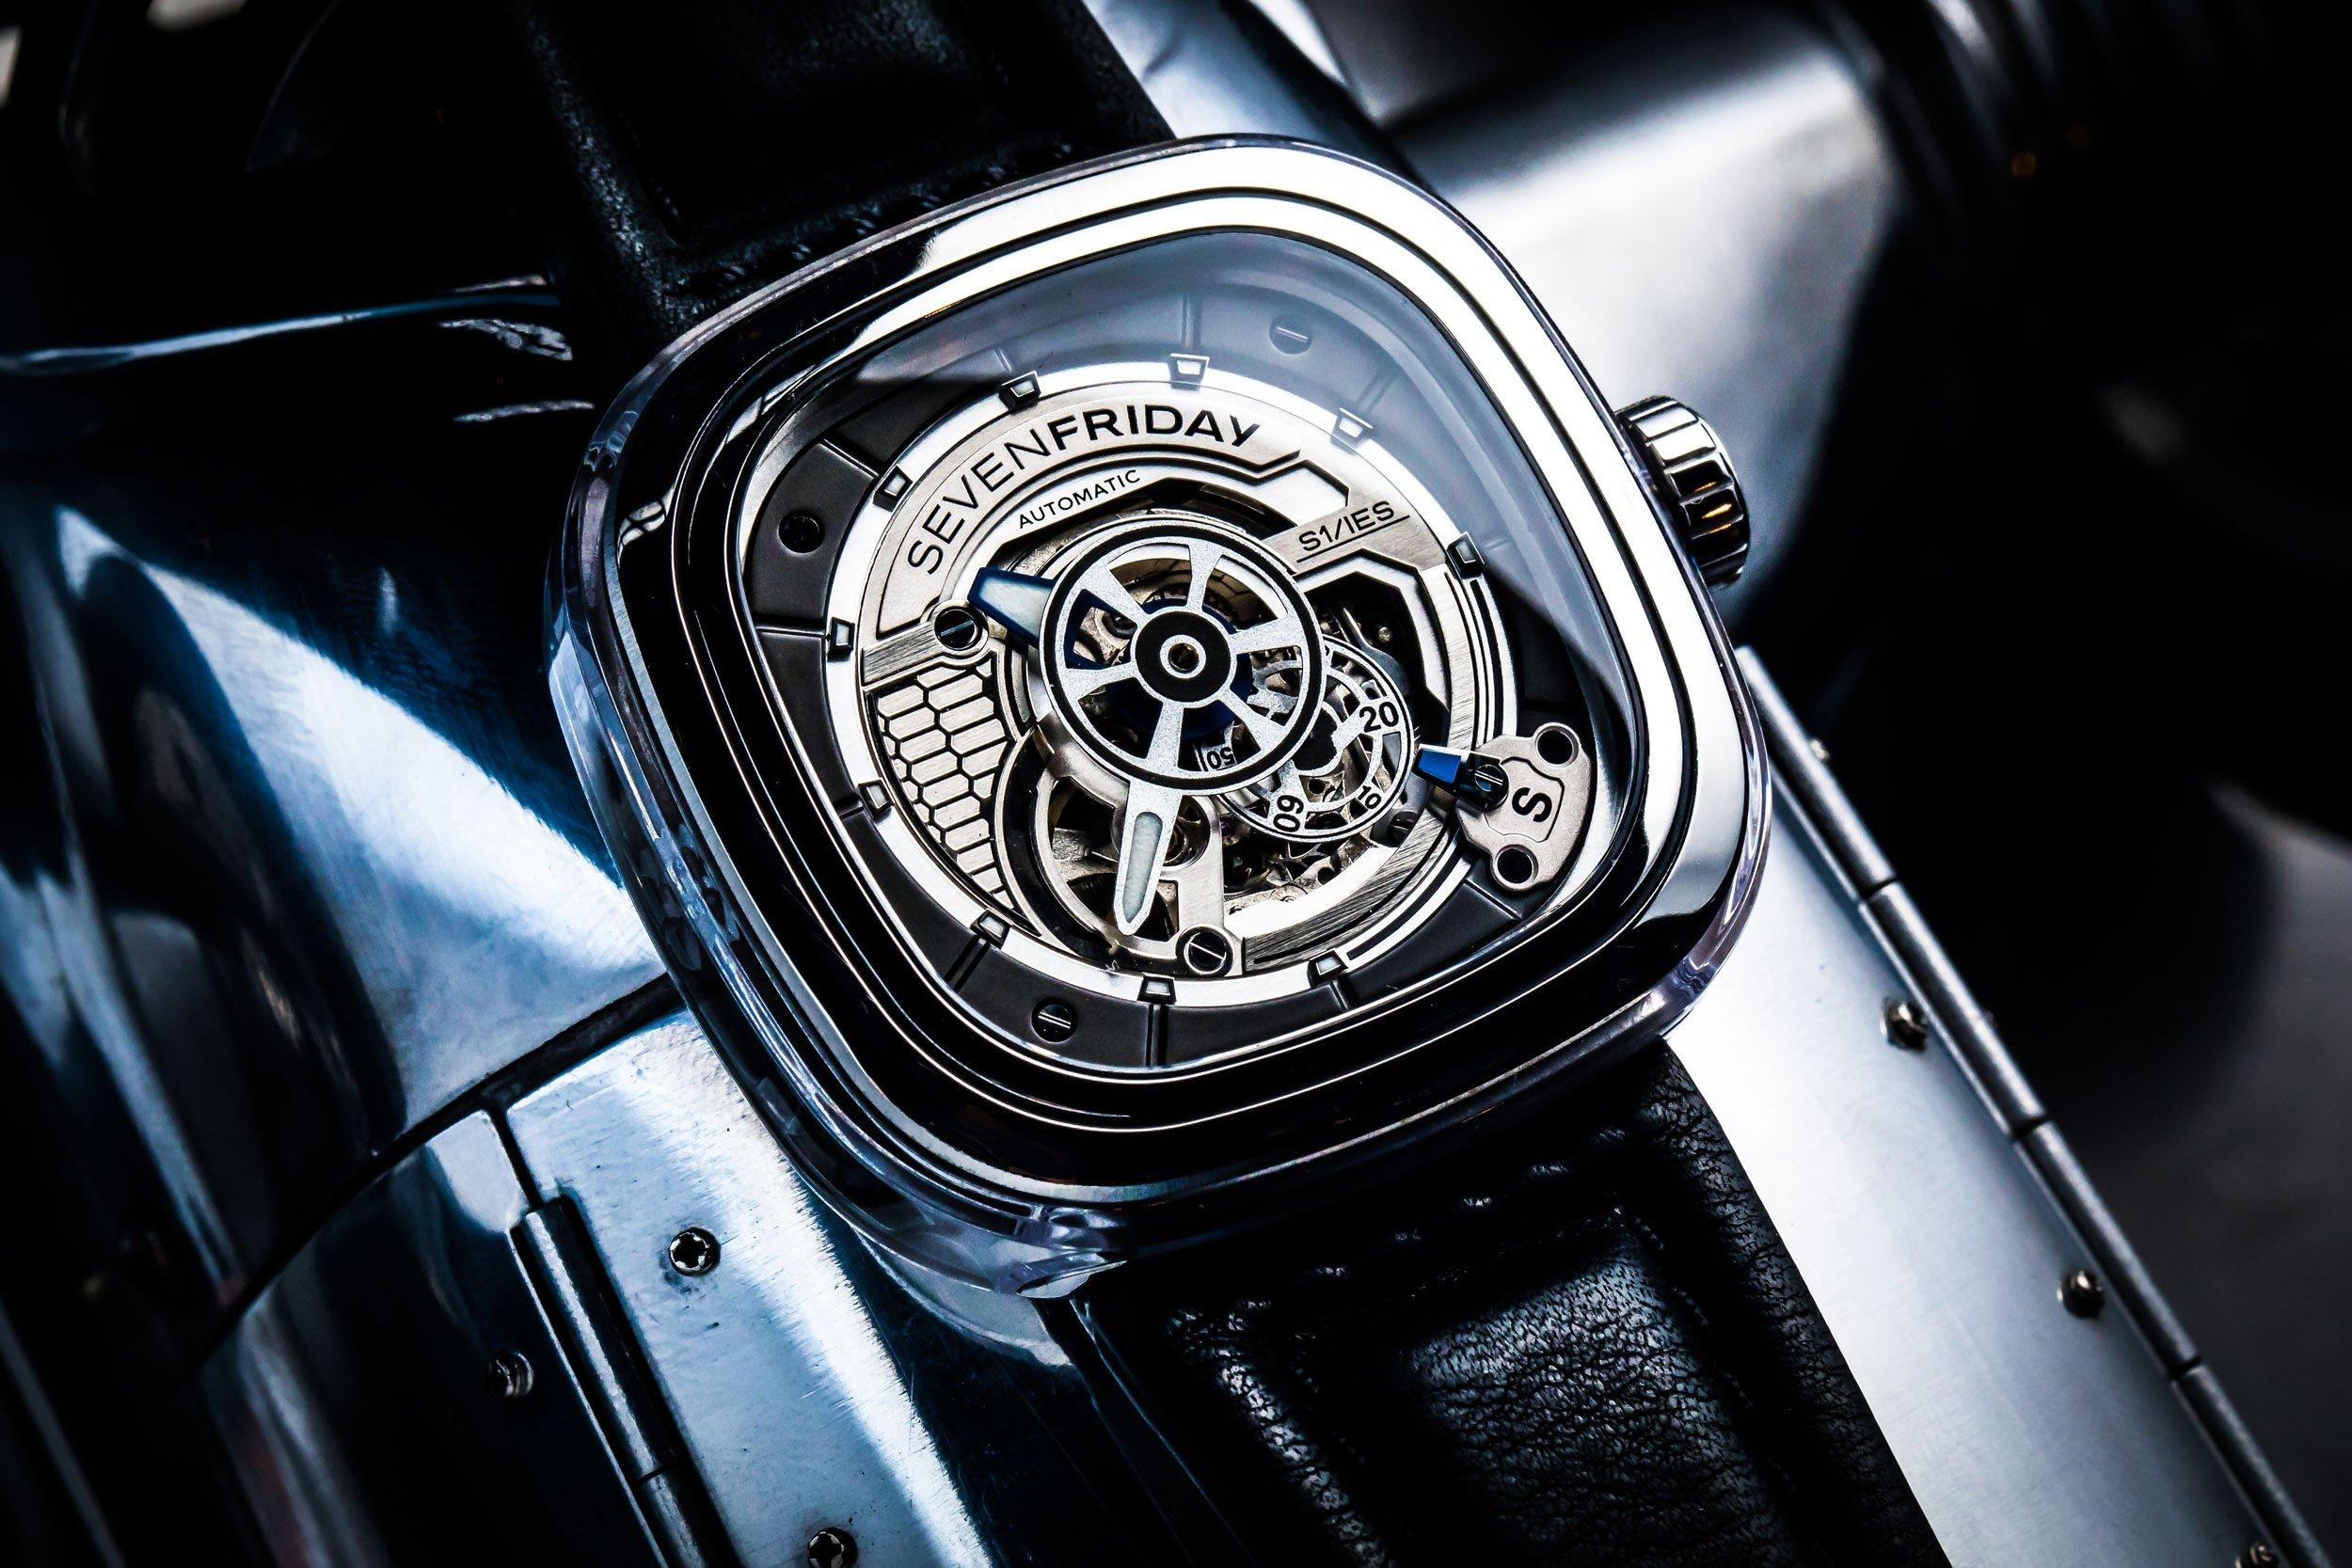 インダストリアルなデザインが特徴の腕時計「SEVEN FRIDAY(セブン フ…